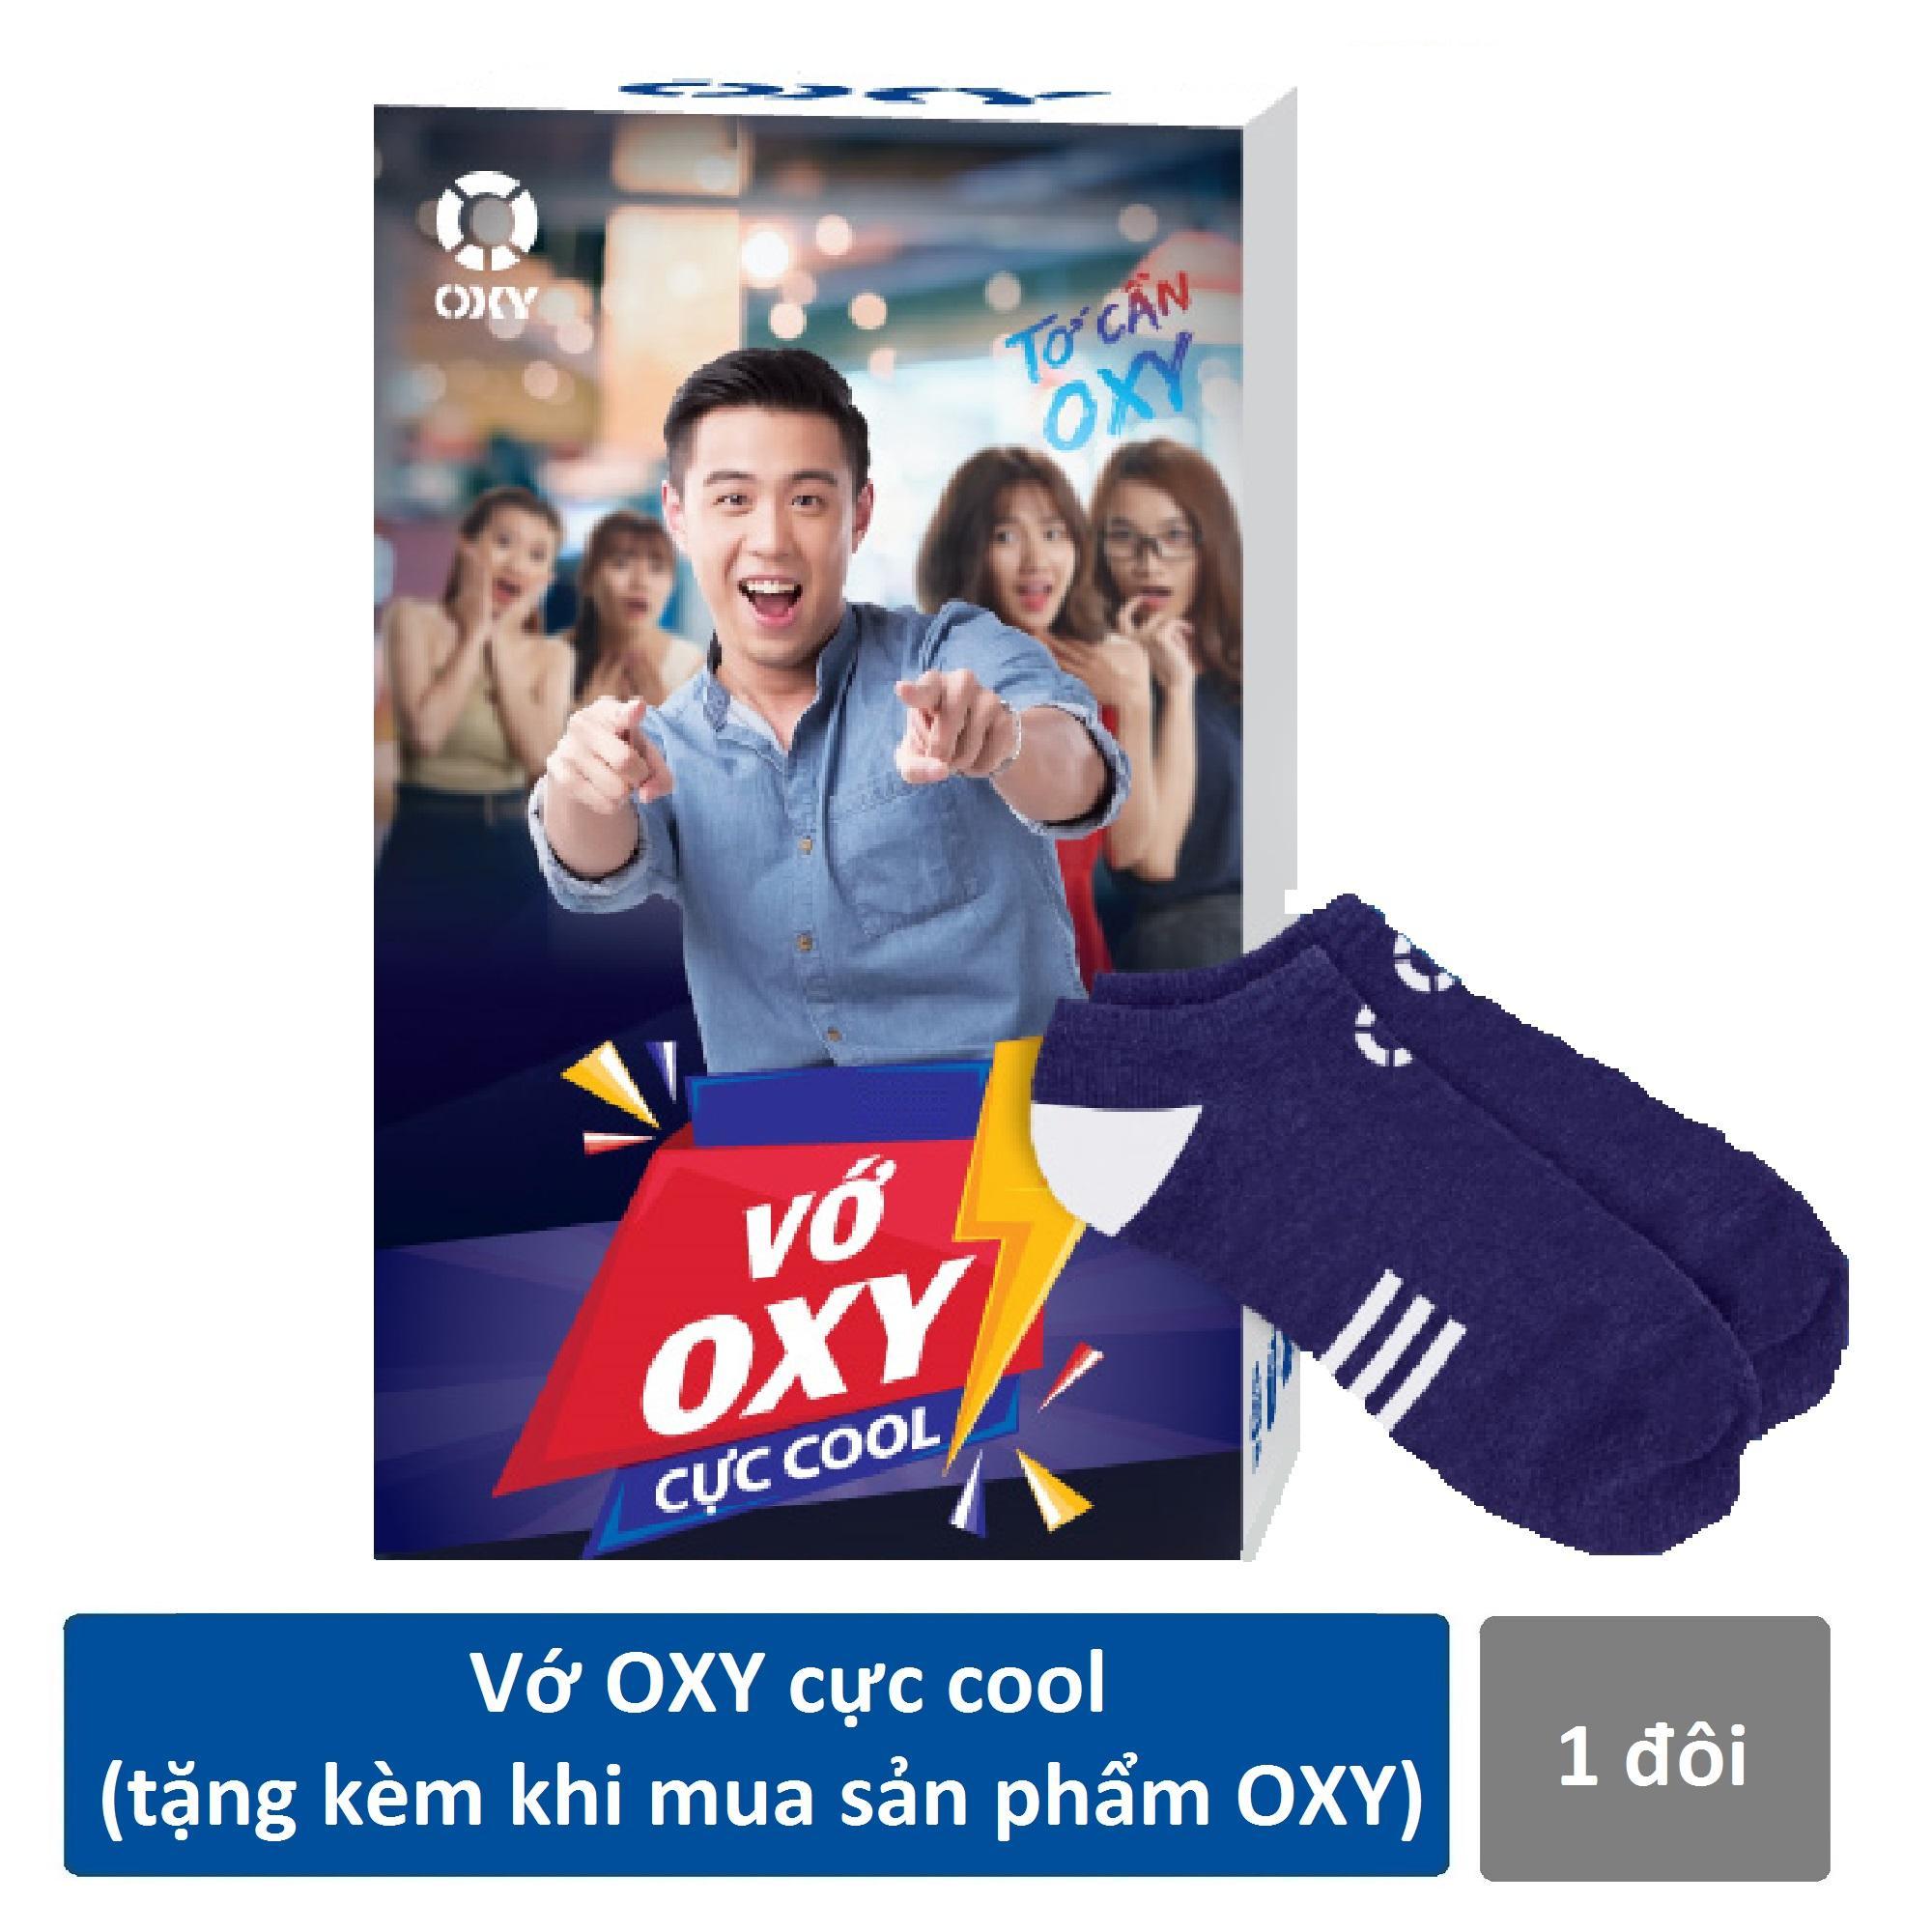 Vớ OXY cực cool (tặng kèm khi mua sản phẩm rửa mặt OXY)